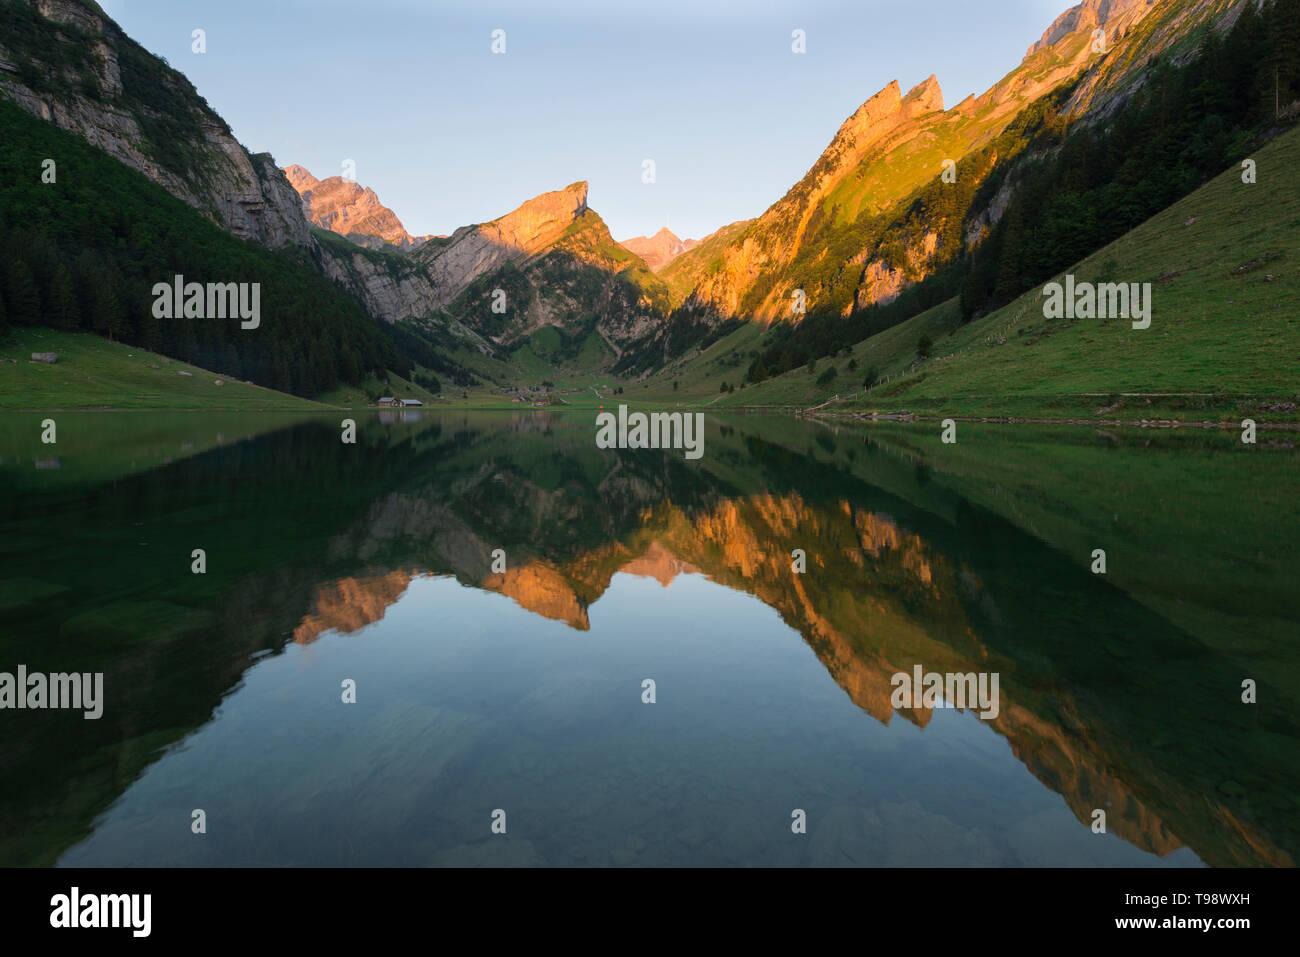 Alpenglühen am Säntis mit Seealpsee, Appenzeller Alpen, Schweiz Stockbild